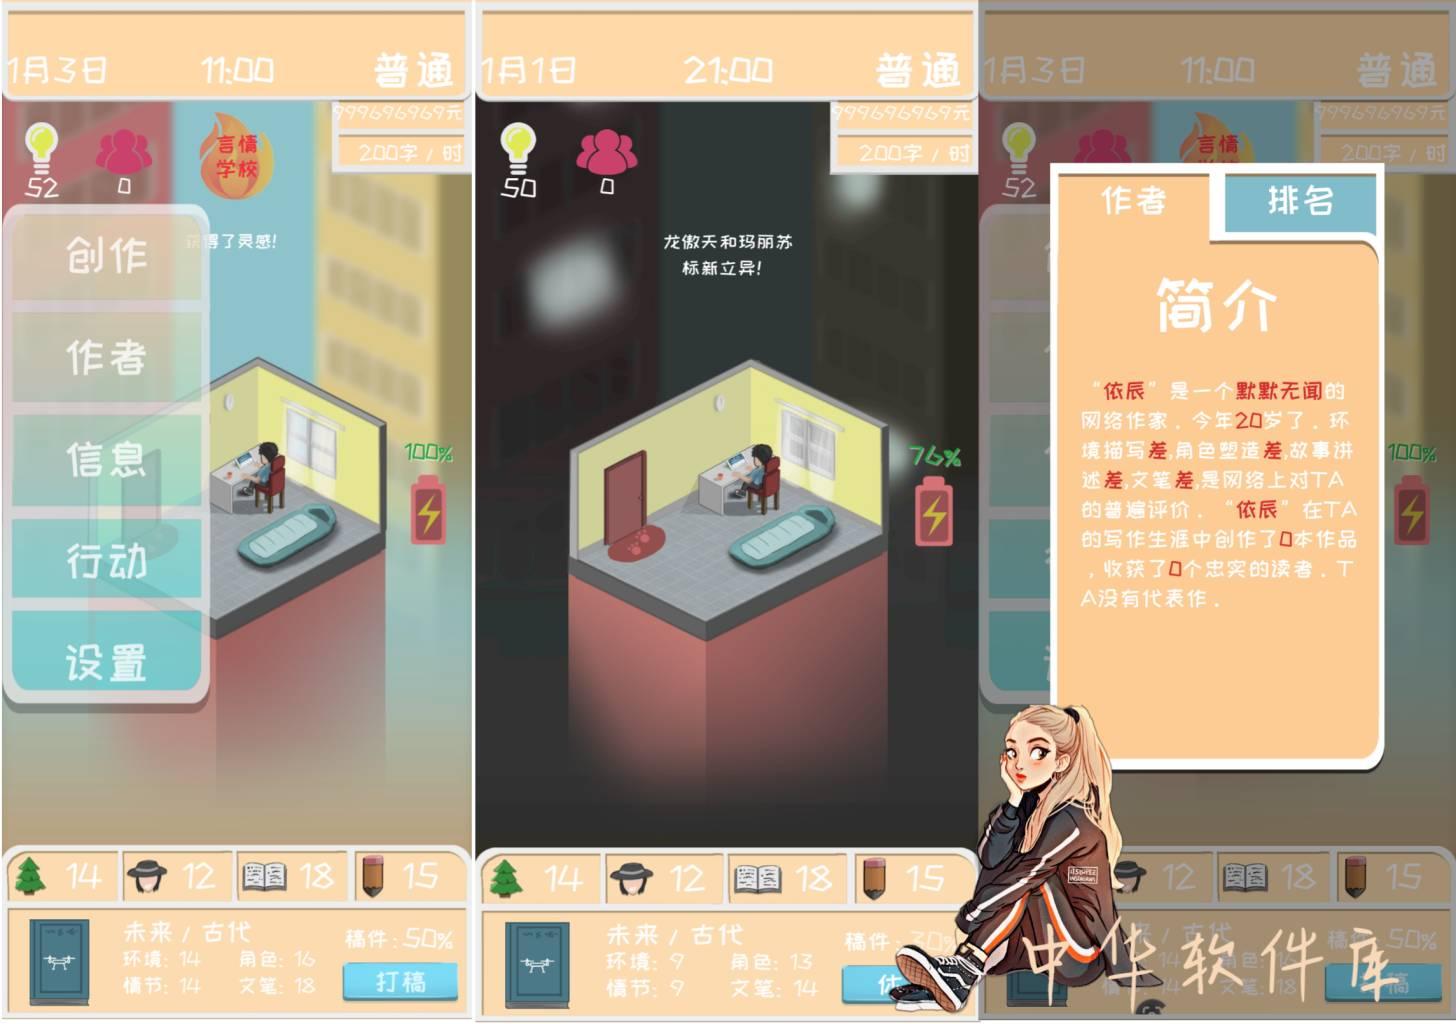 网络小说模拟v2.5-依辰破解版< 进入游戏赠送大量货币>